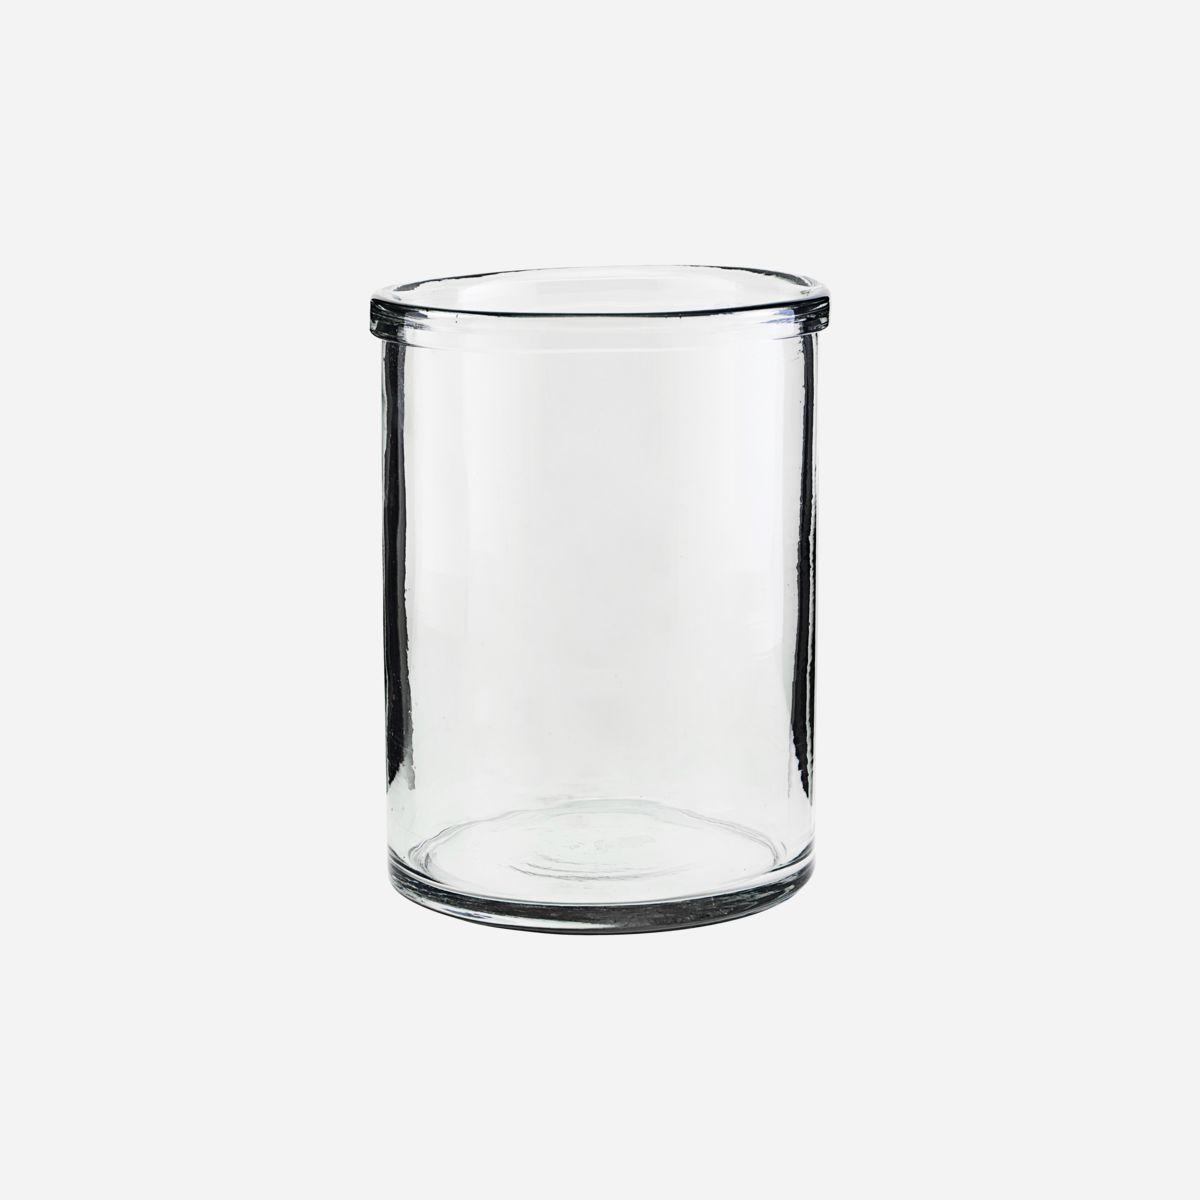 House Doctor - Vase, Reem, klar, høy